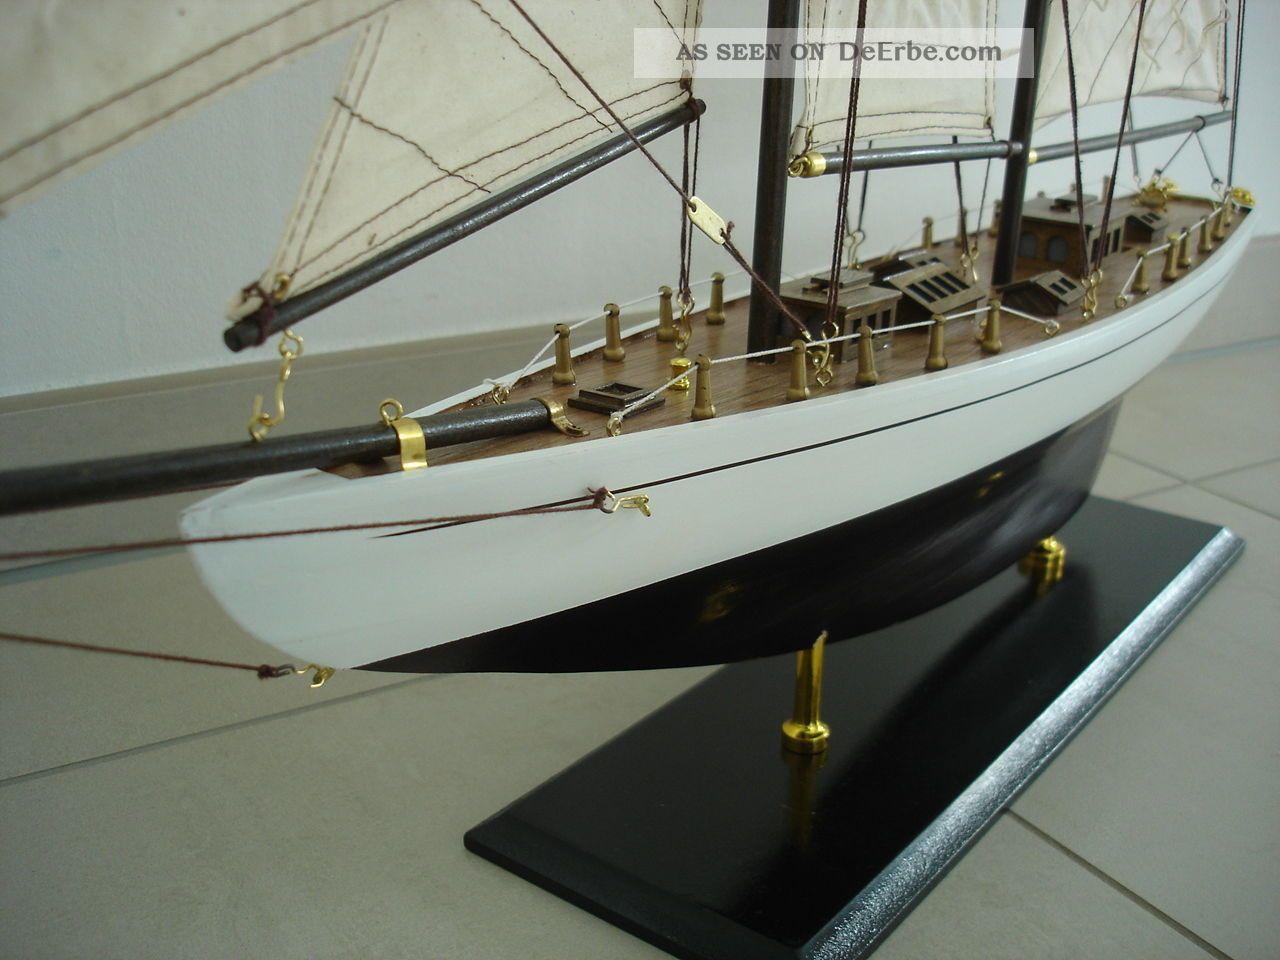 segelboot modellbausatz segelboot modellbausatz. Black Bedroom Furniture Sets. Home Design Ideas